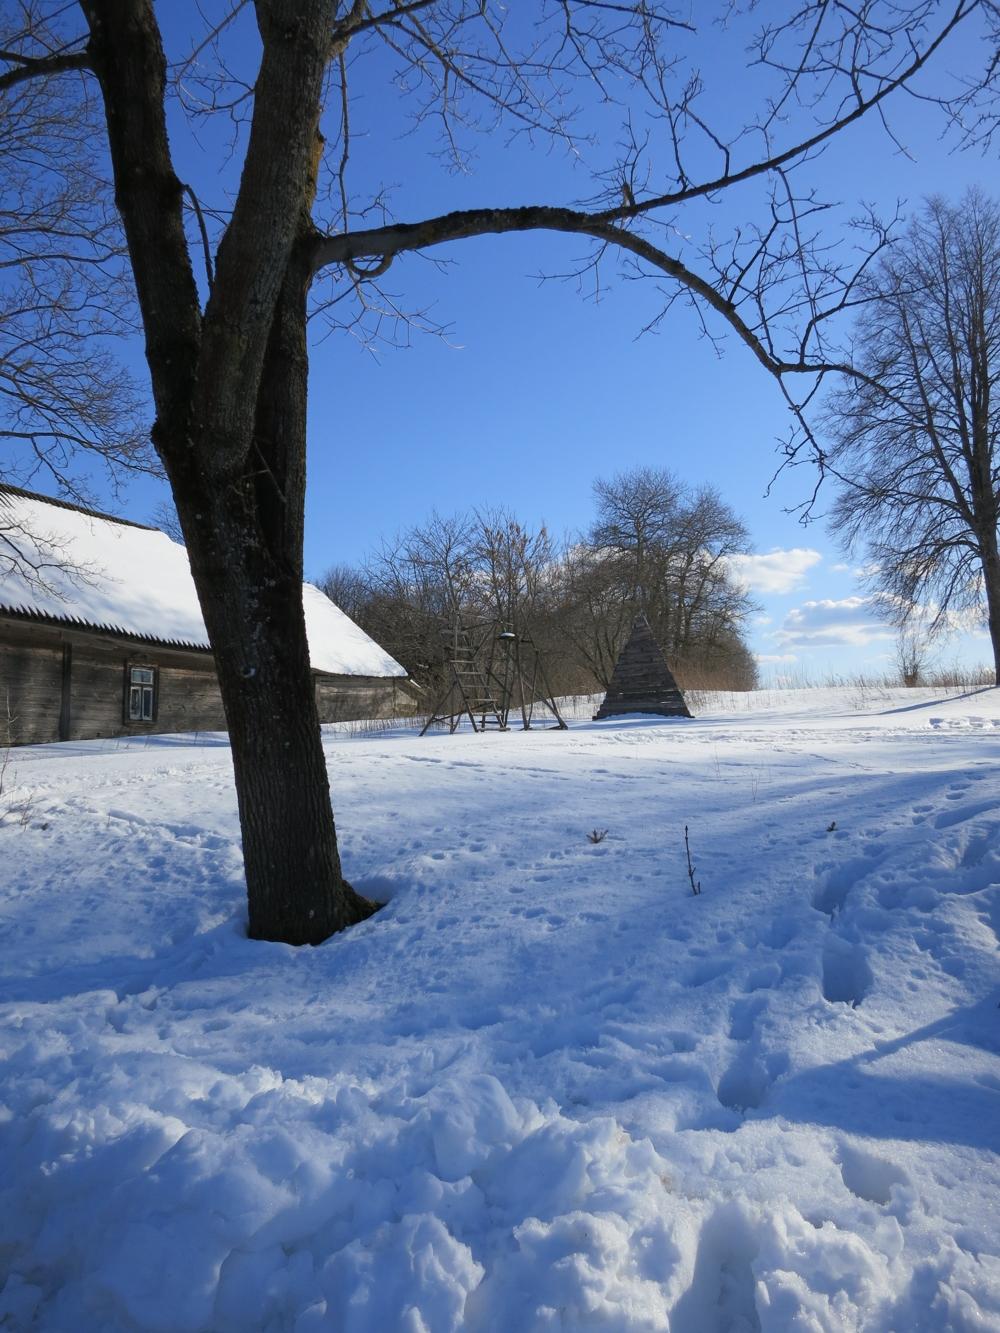 śnieżne Harkawicze, widok na karmnik i drewnianą chatę